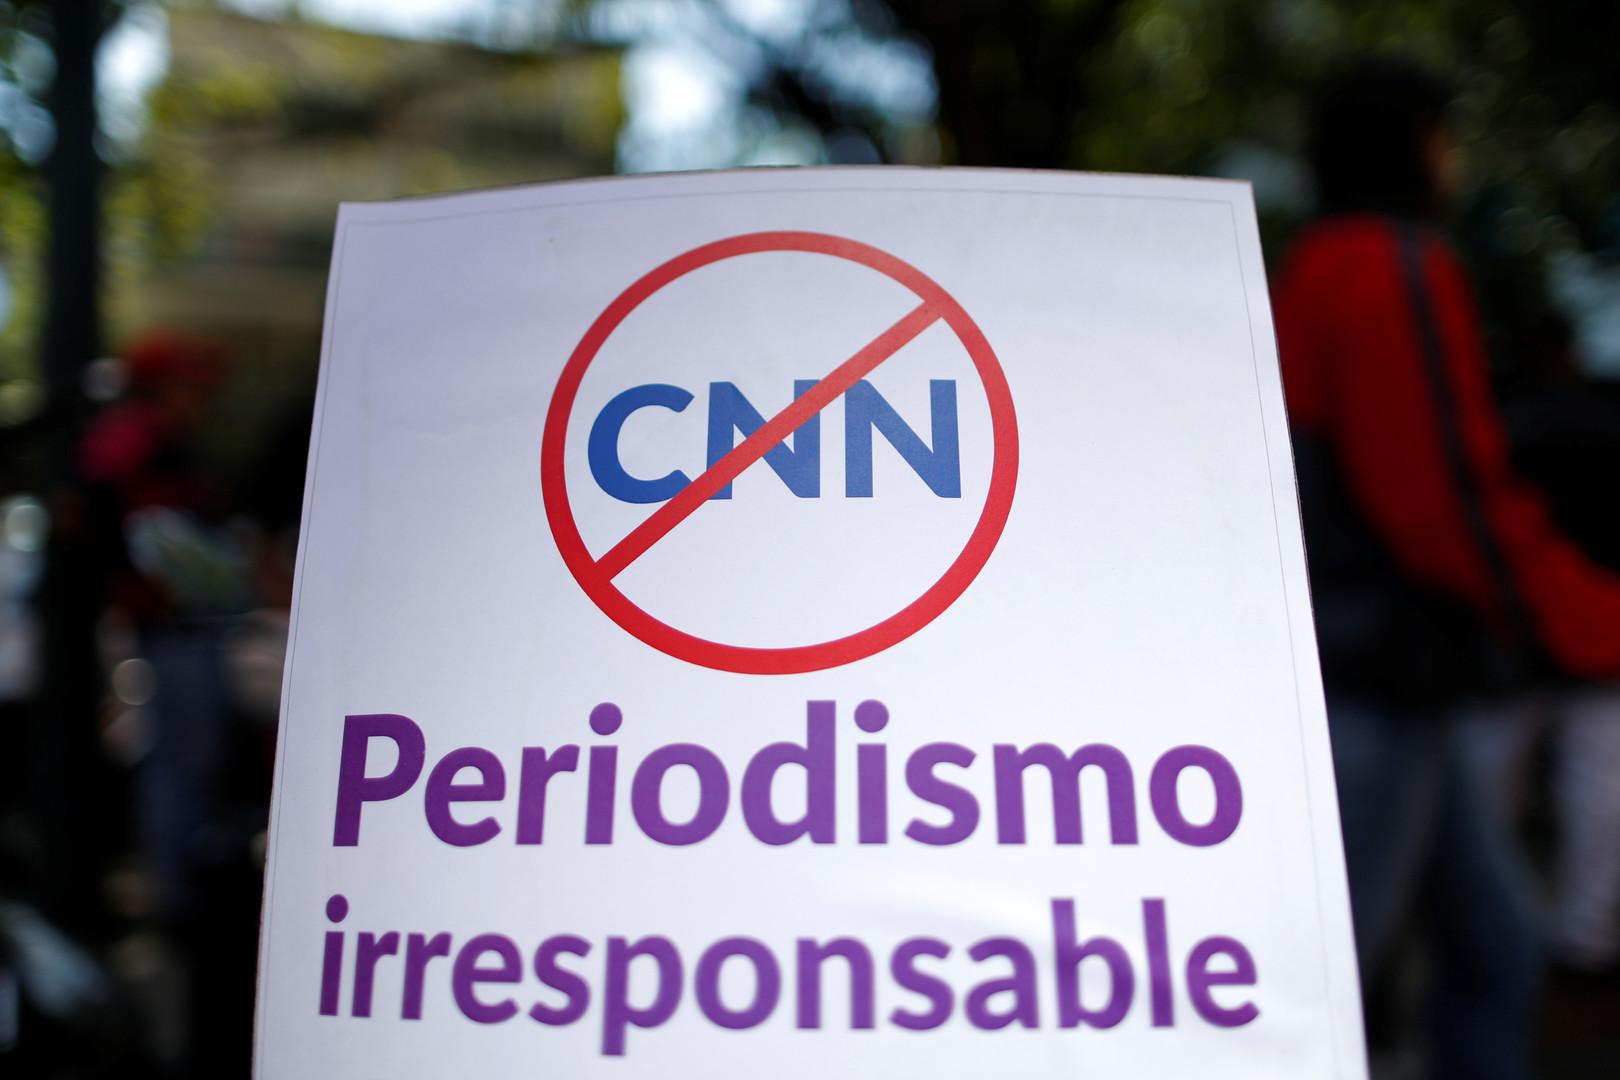 Многочасовые записи: в сети опубликованы переговоры сотрудников телеканала CNN